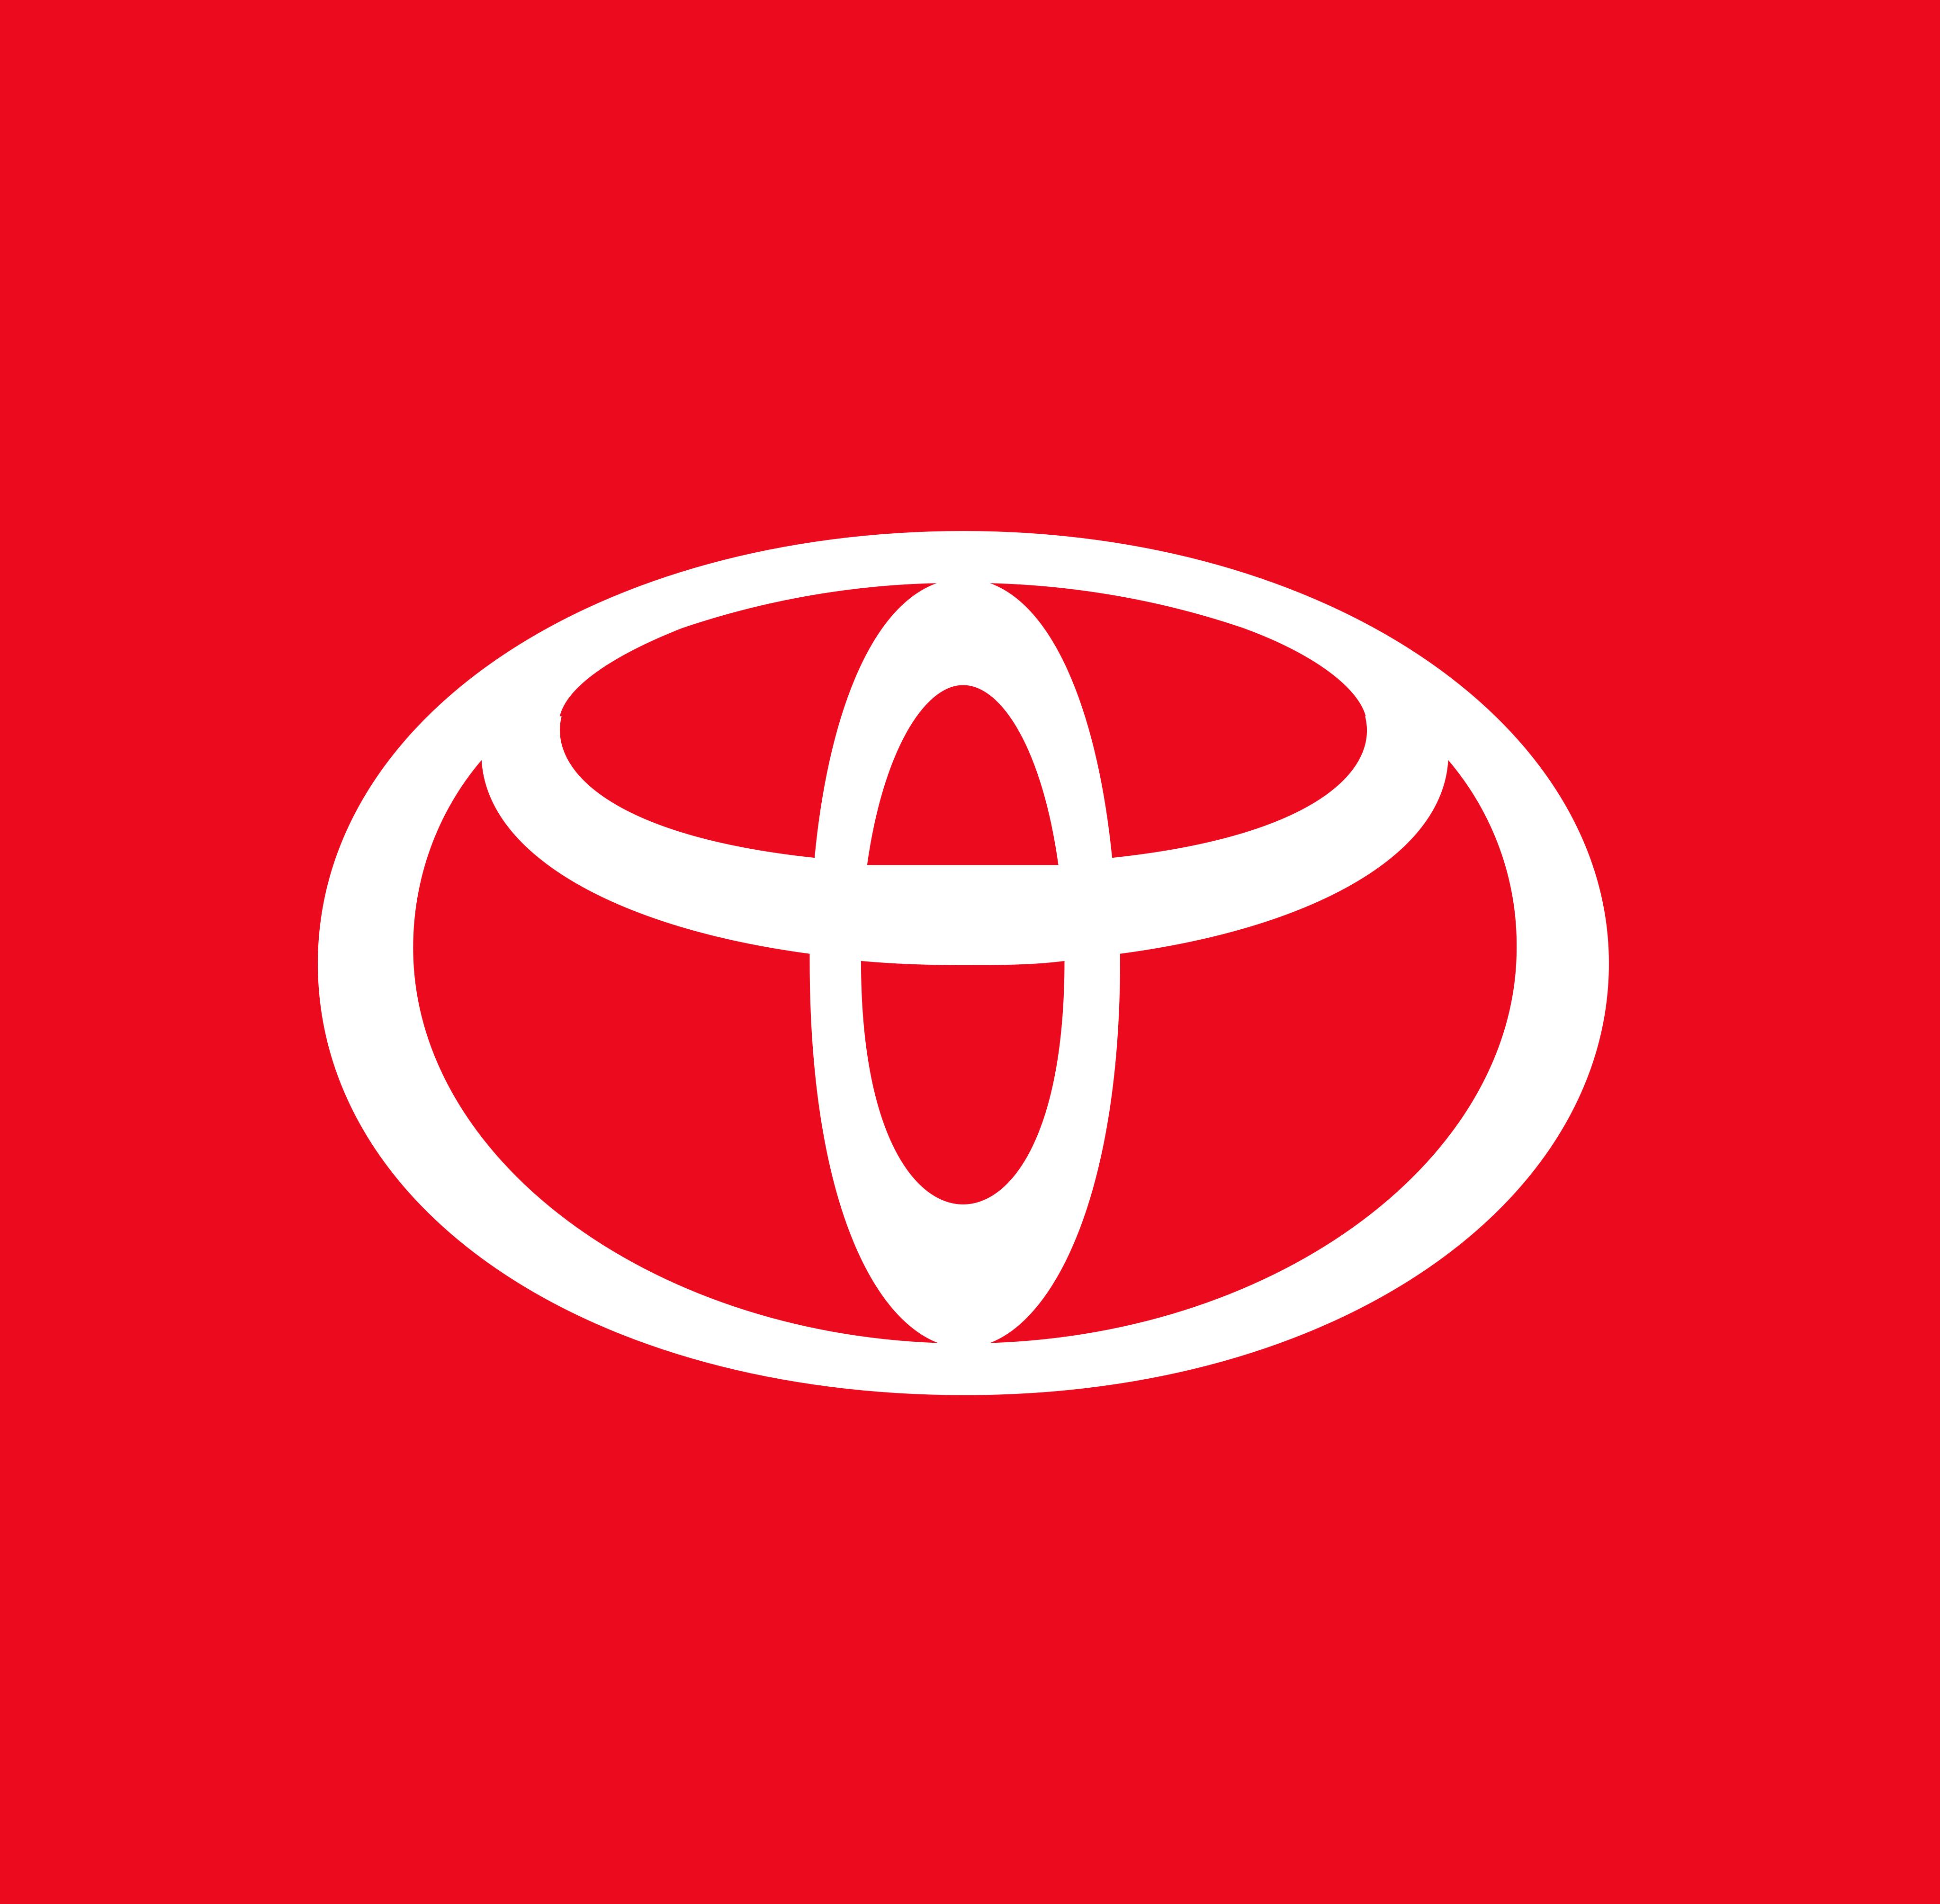 toyota logo 2 - Toyota Logo